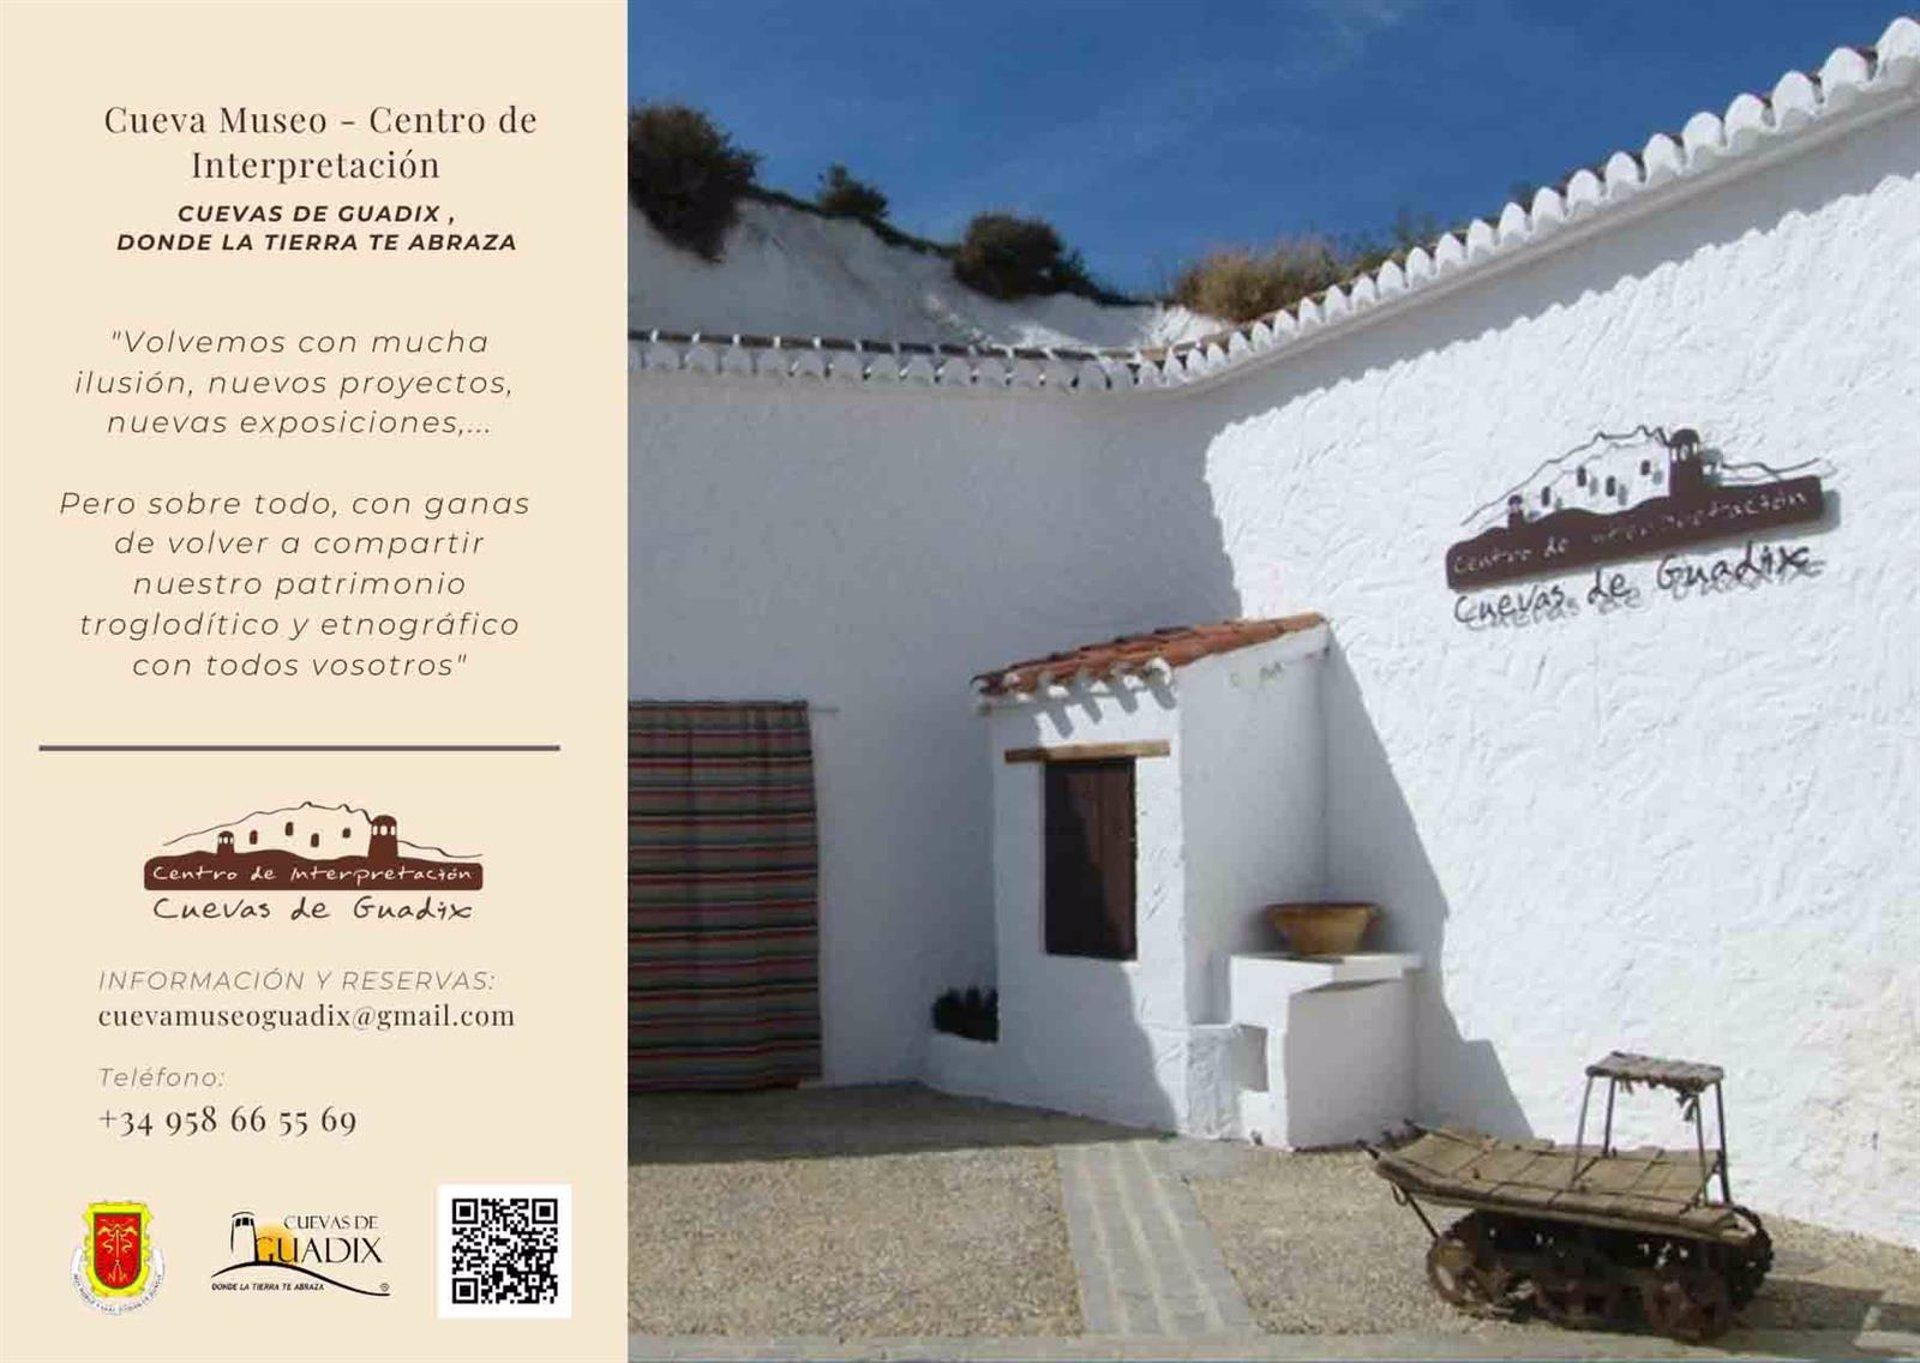 Reabre al público el Centro de Interpretación Cuevas de Guadix desde este sábado